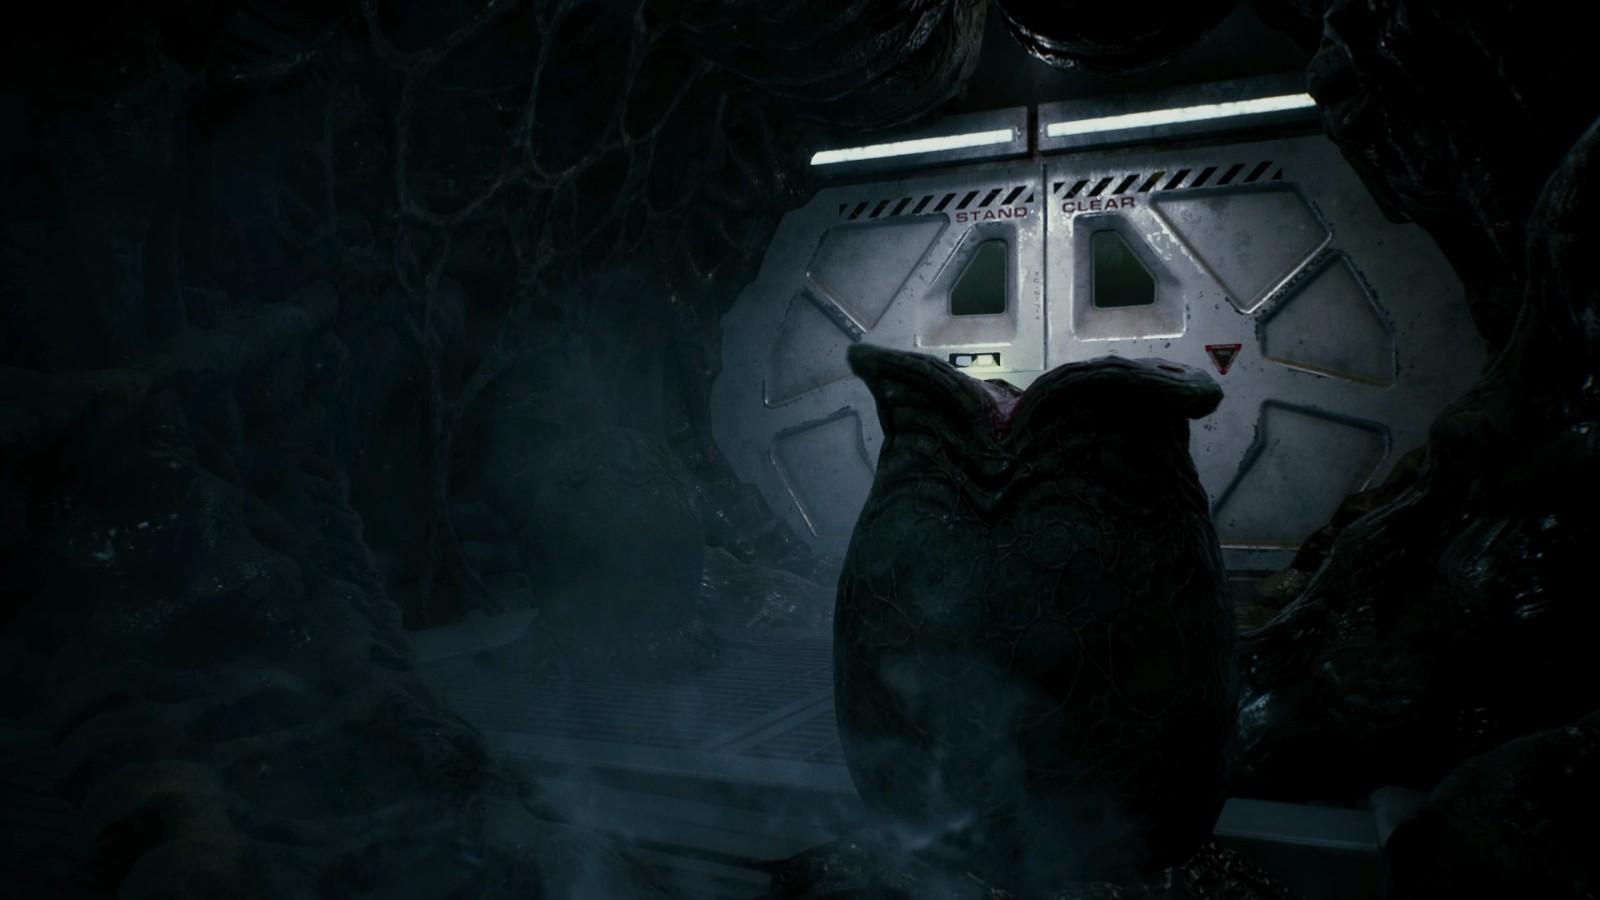 異形新作《異形:火力小隊》公布 今年夏季發售